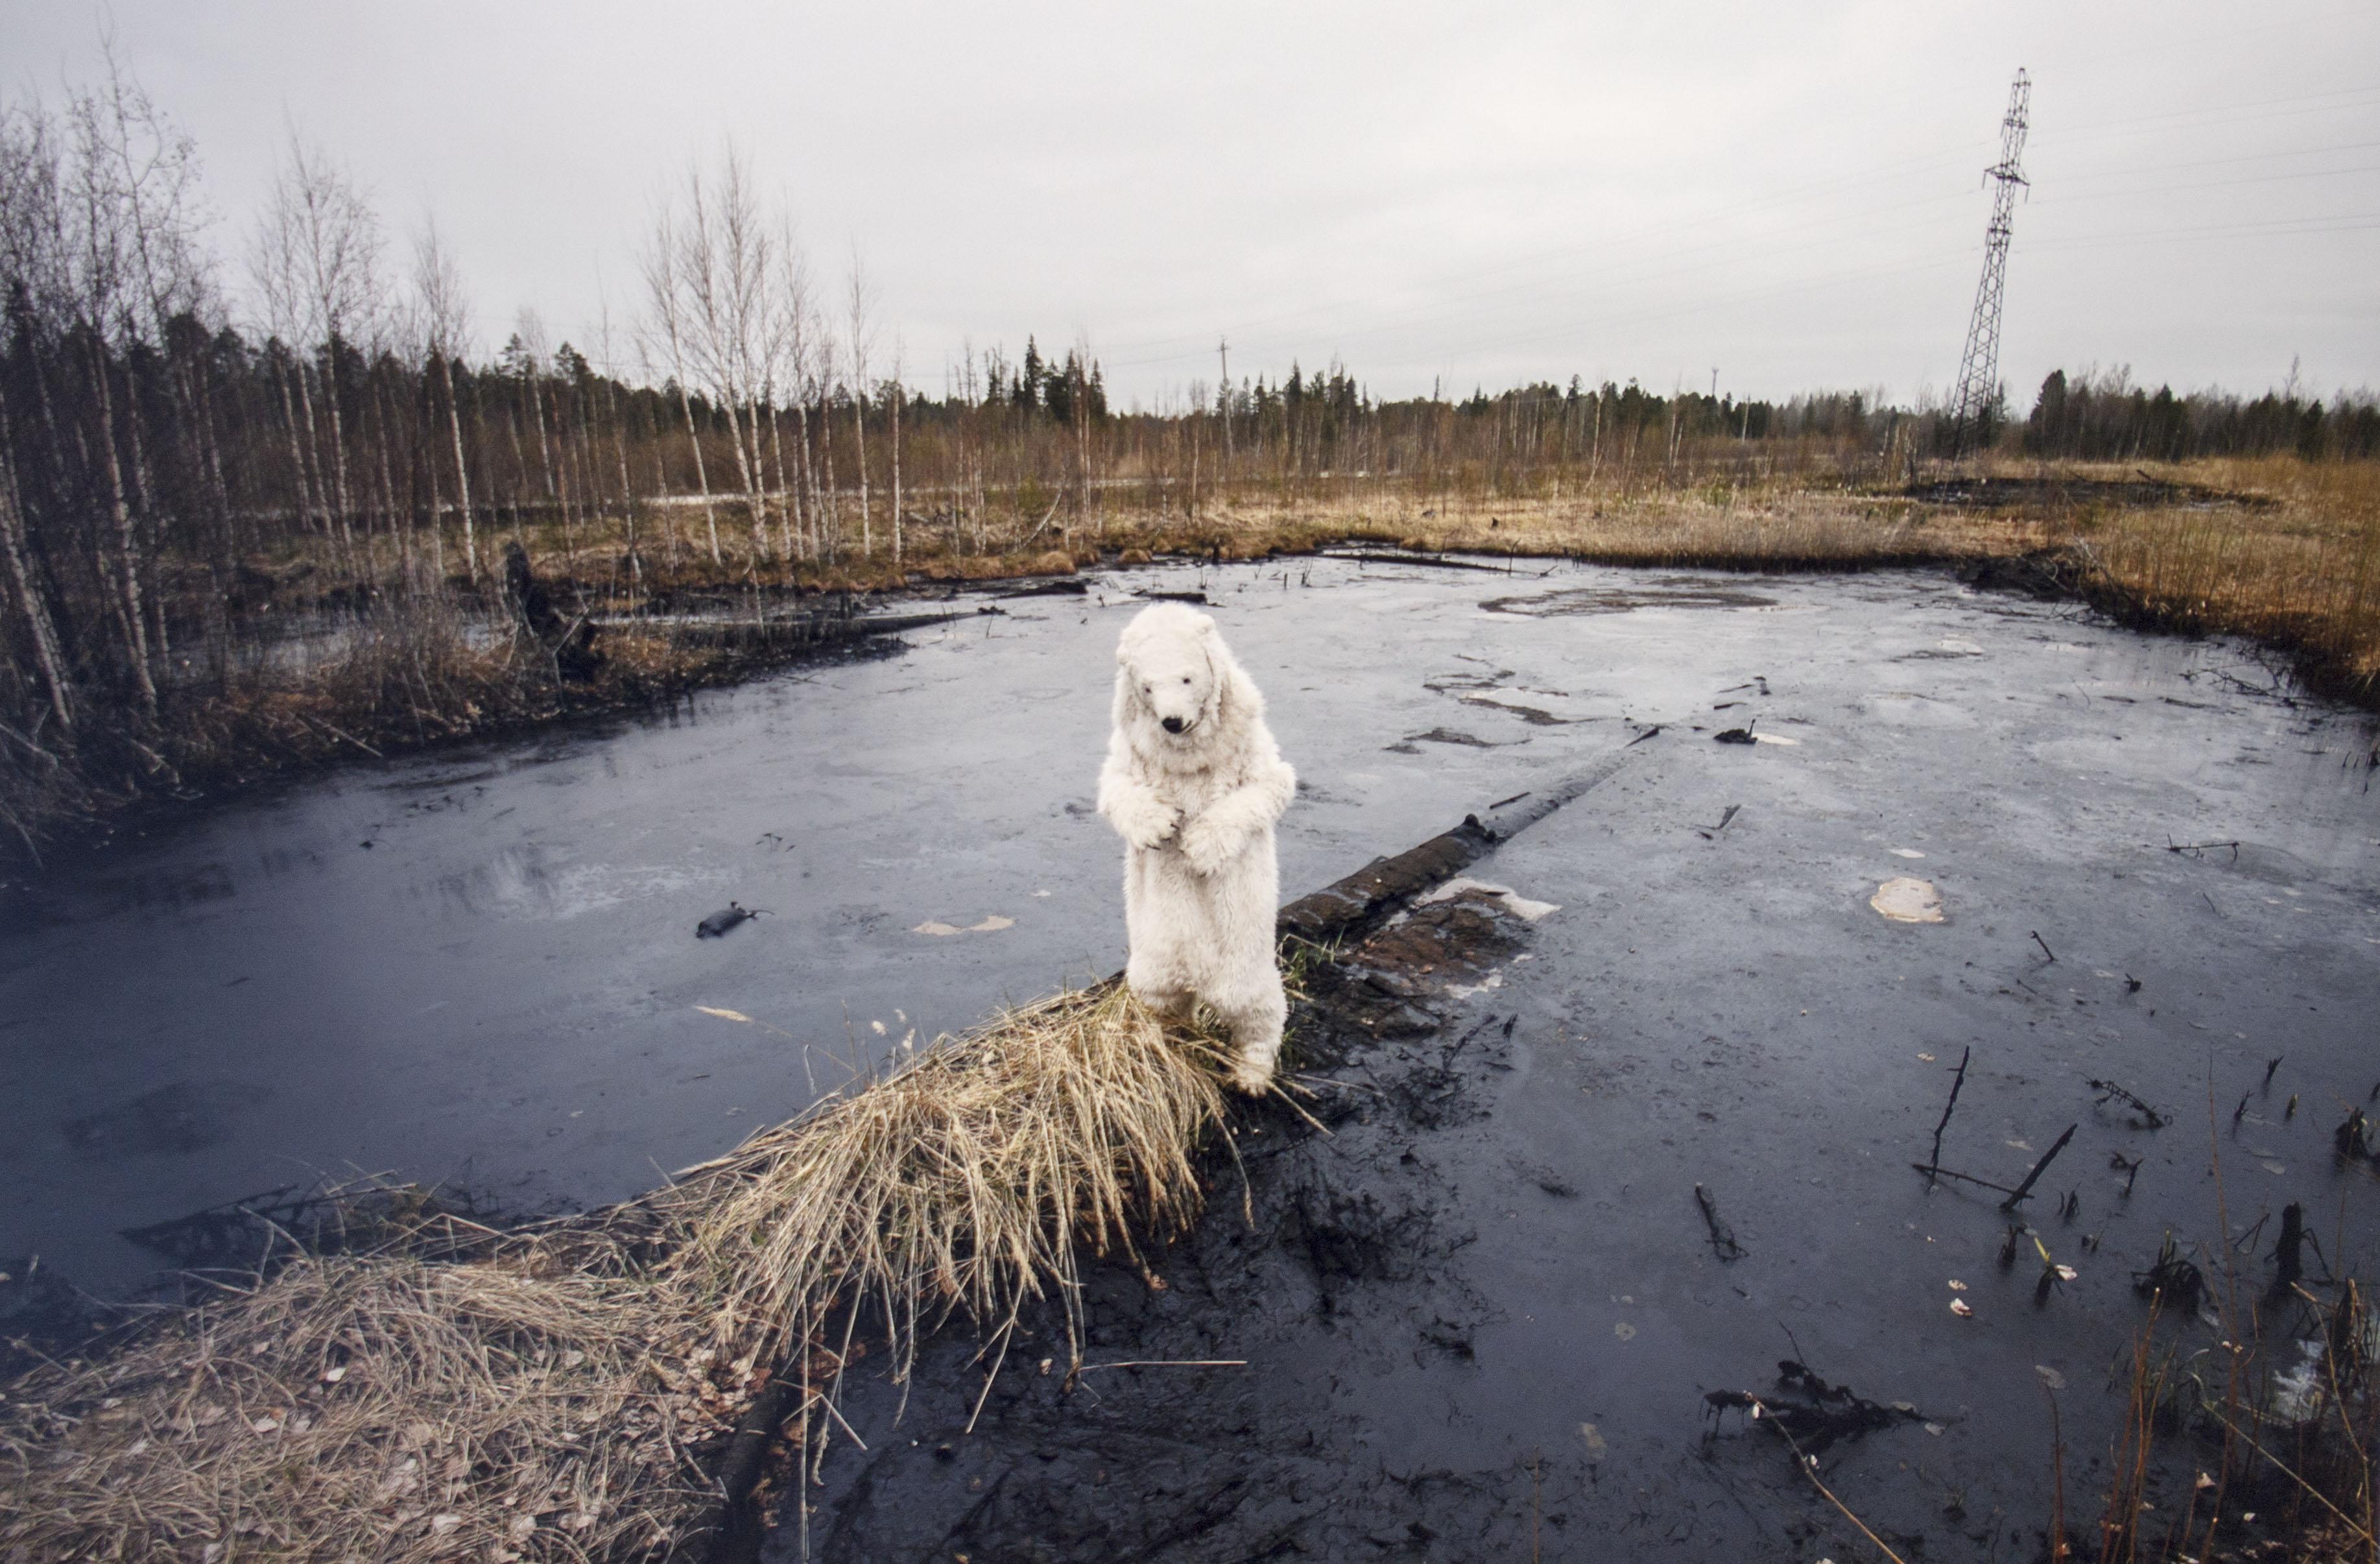 нефтяное загрязнение в тундре